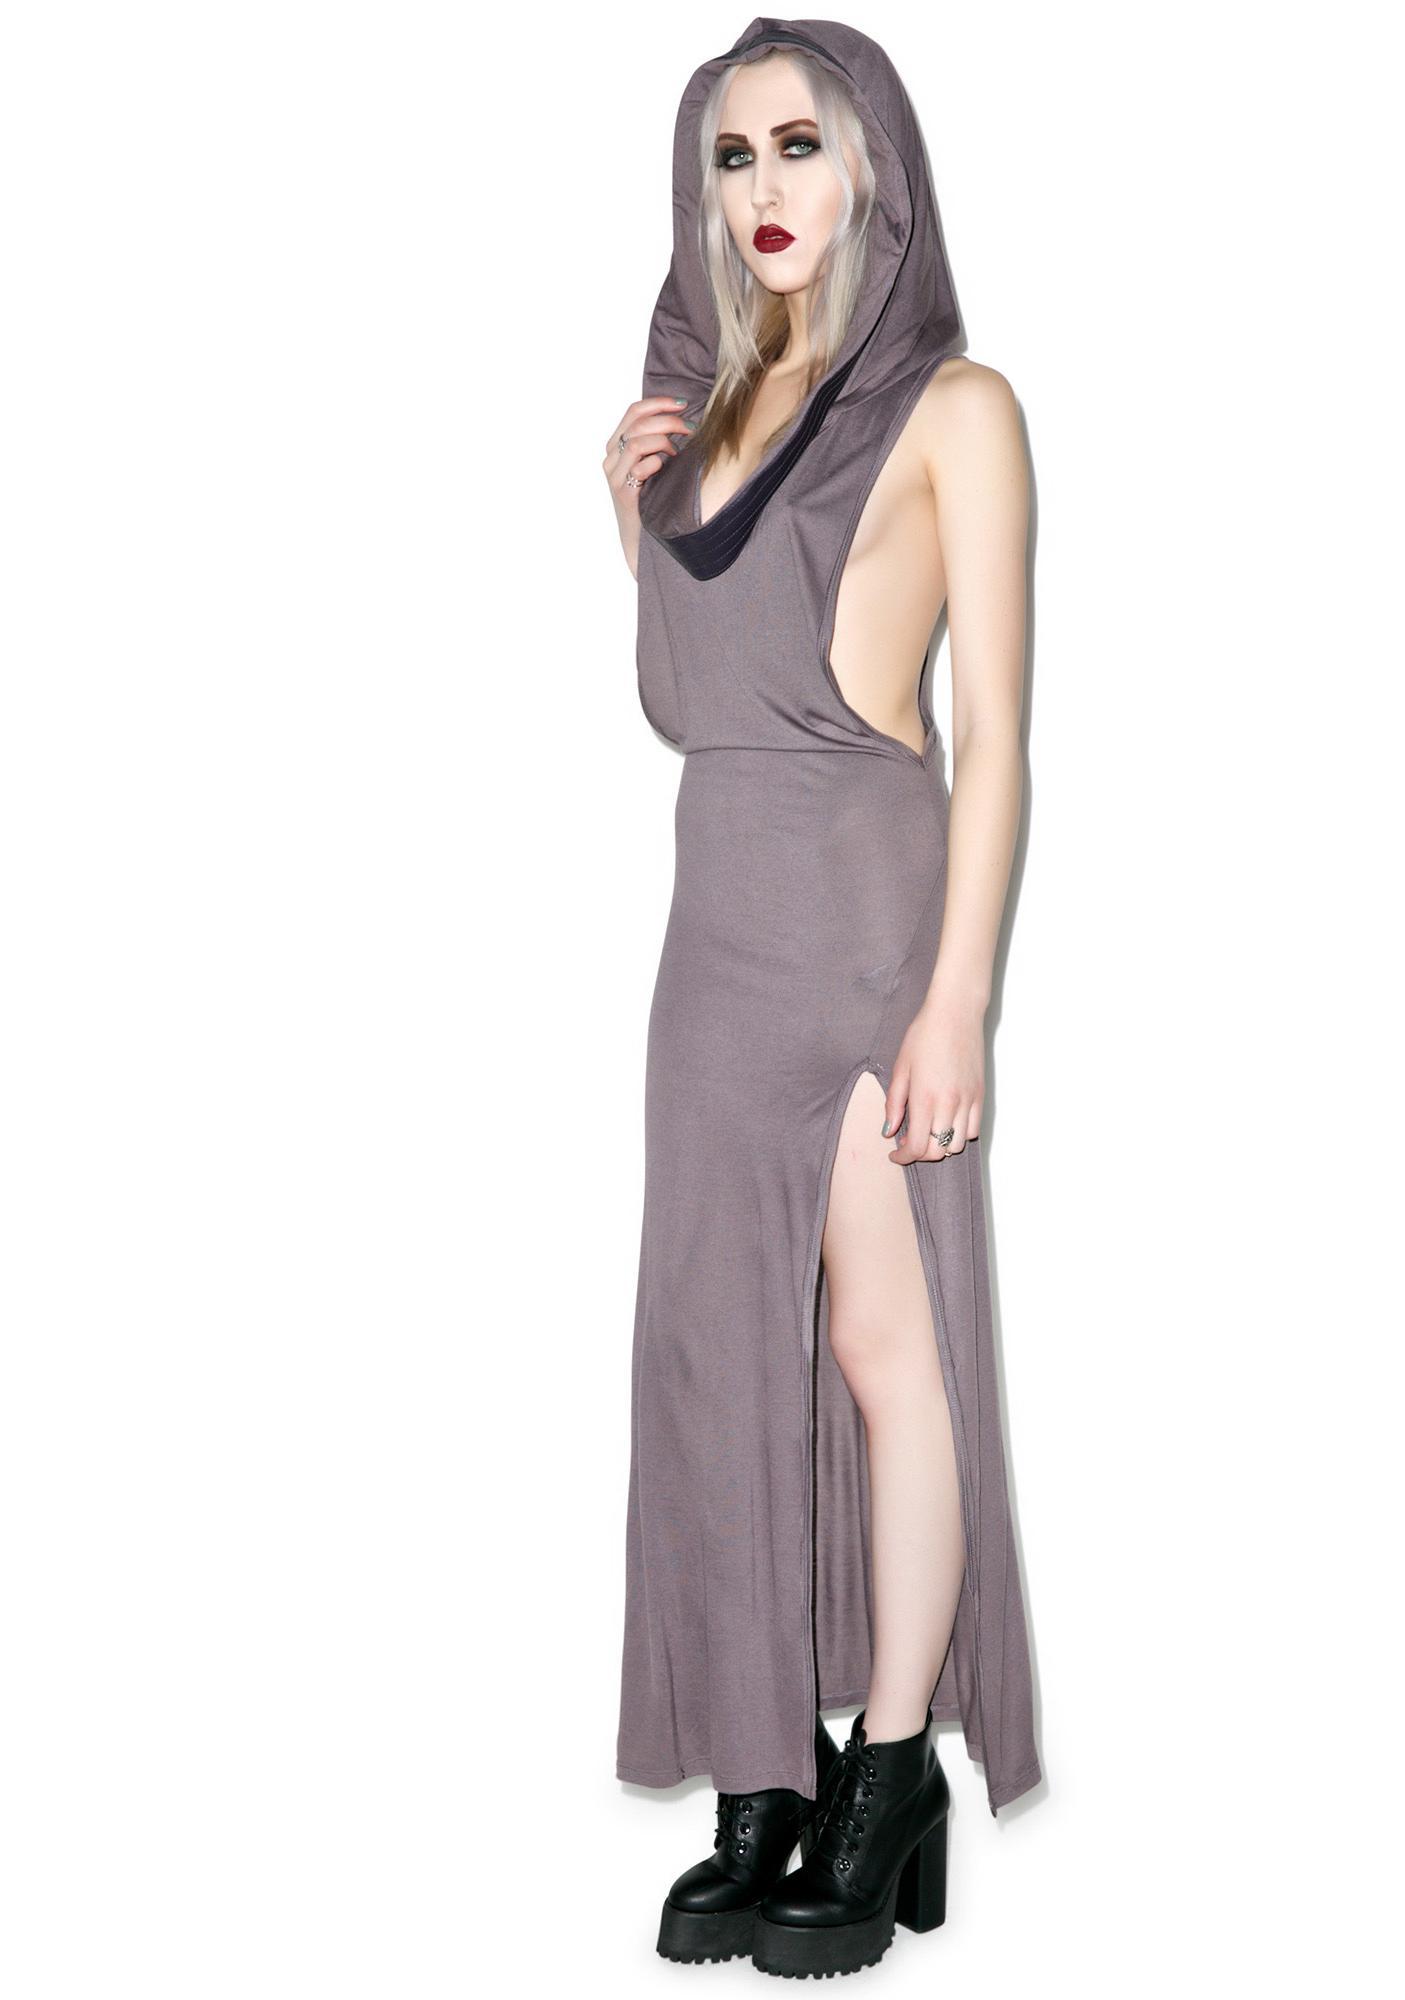 Lip Service Badlands Hooded Cowl Neck Dress